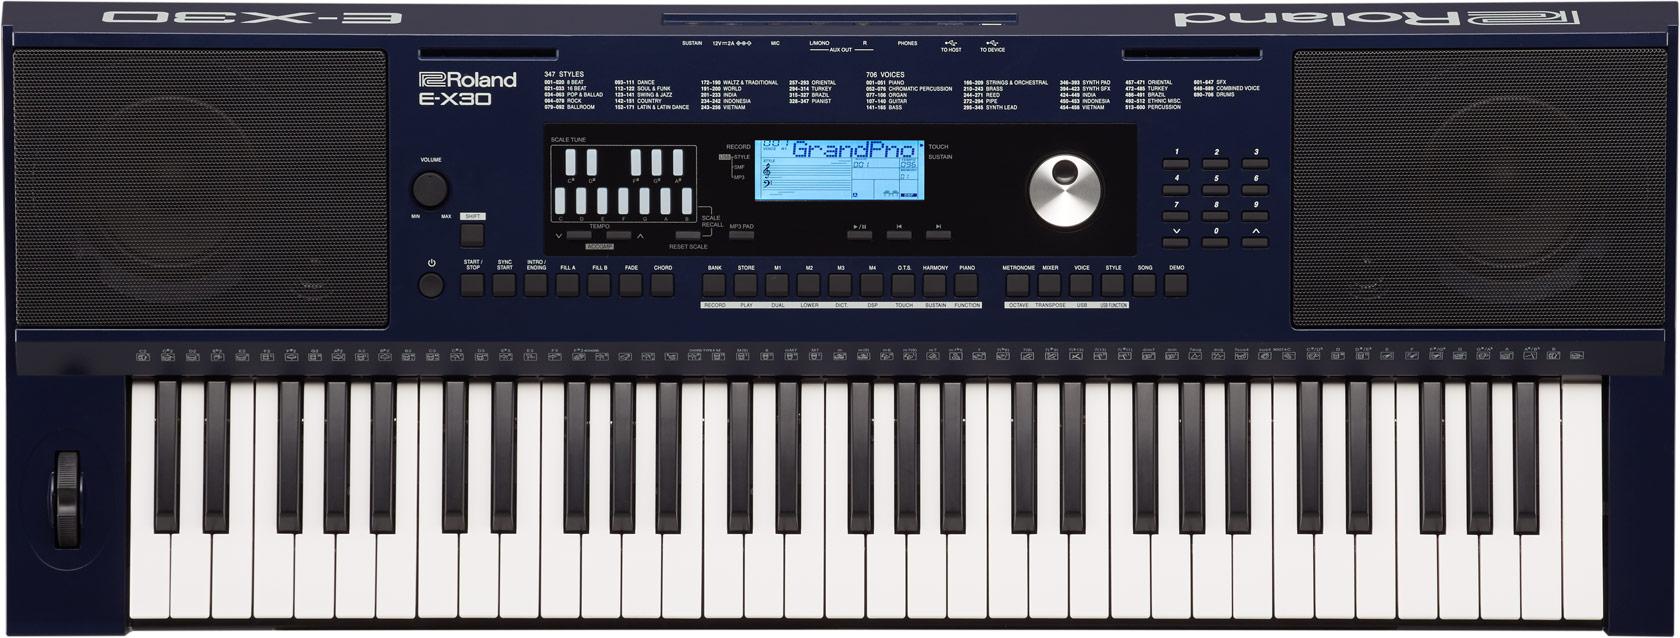 Teclado Roland para iniciantes E-X30